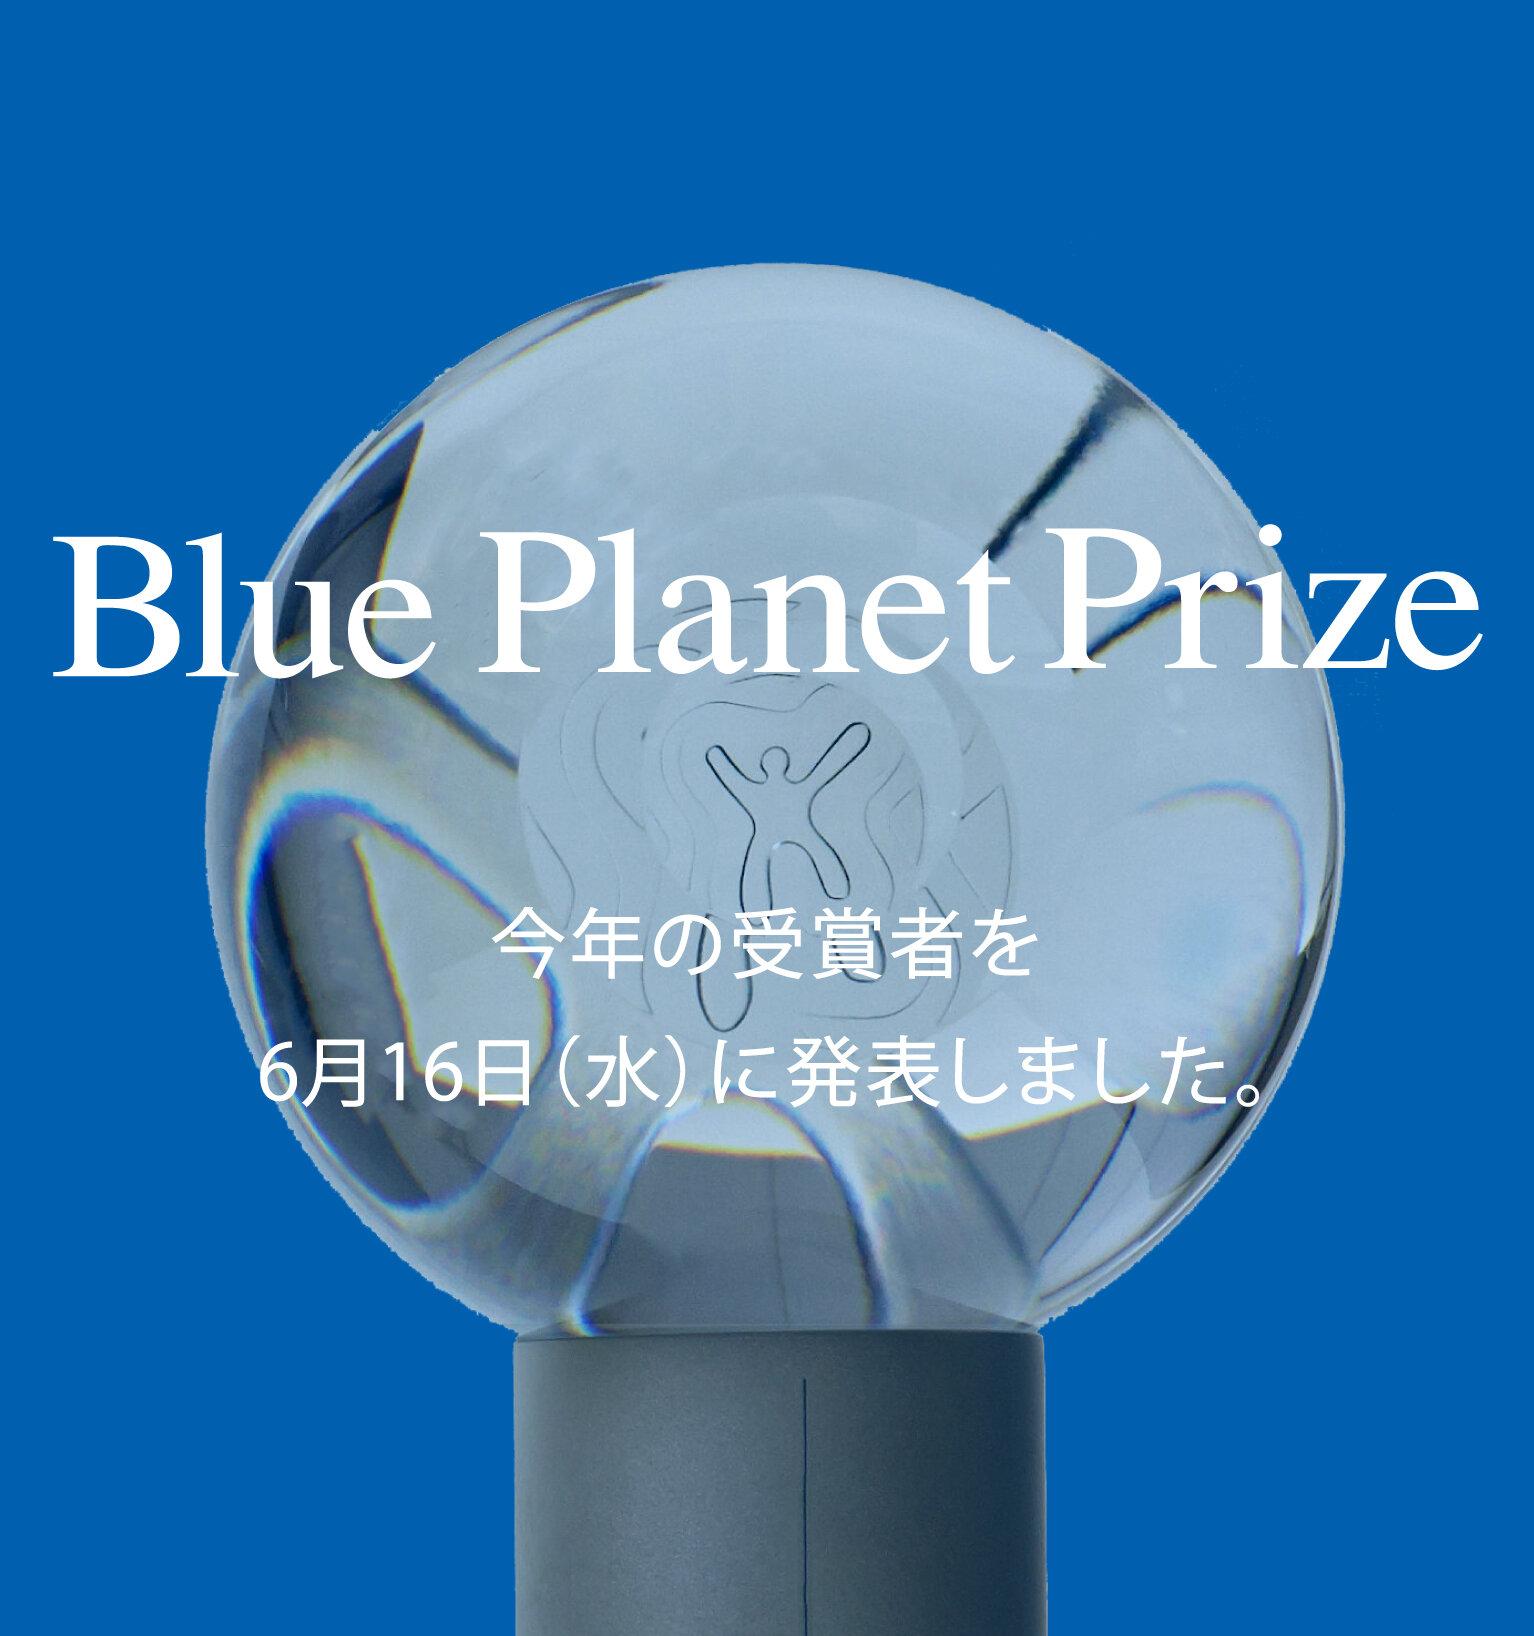 2021年(第30回)ブループラネット賞受賞者発表